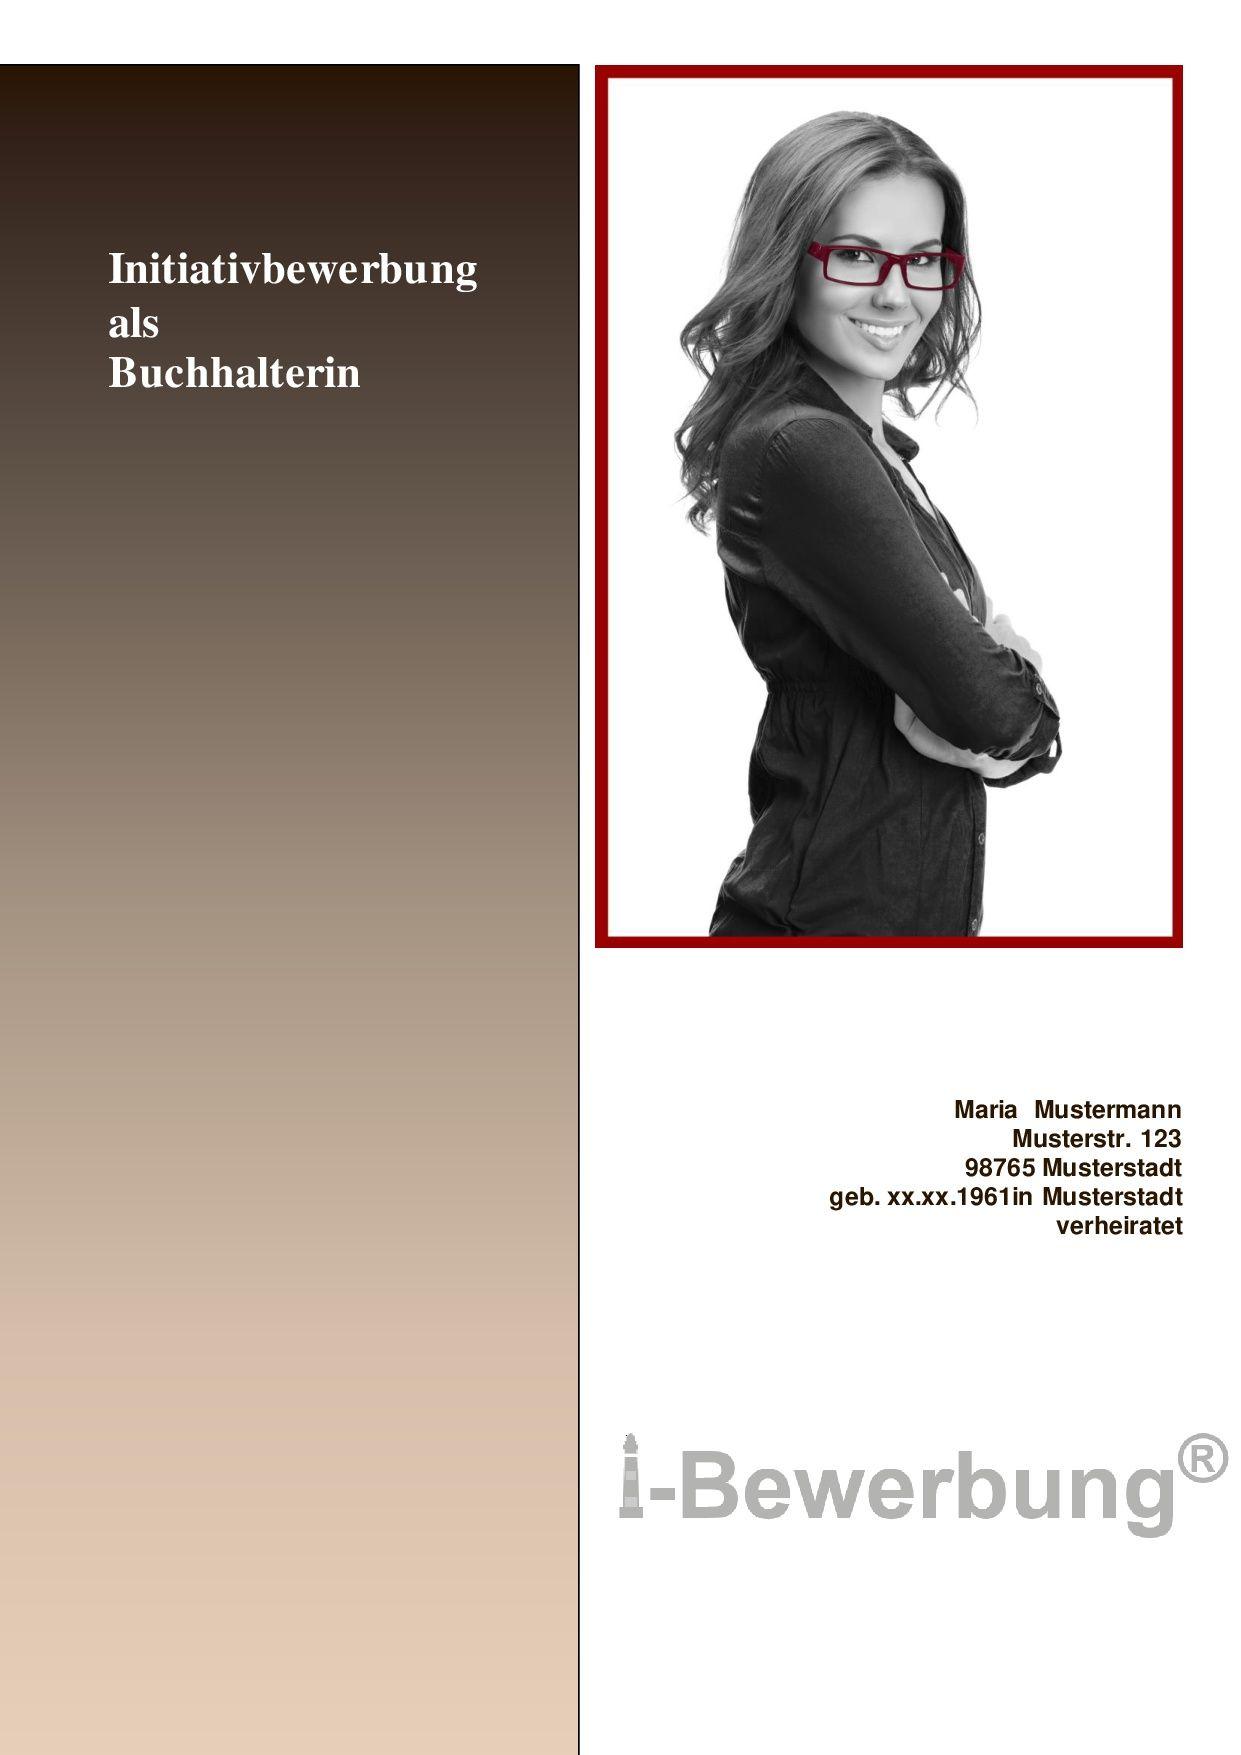 Gestaltung Deckblatt Zur Initiativbewerbung Deckblatt